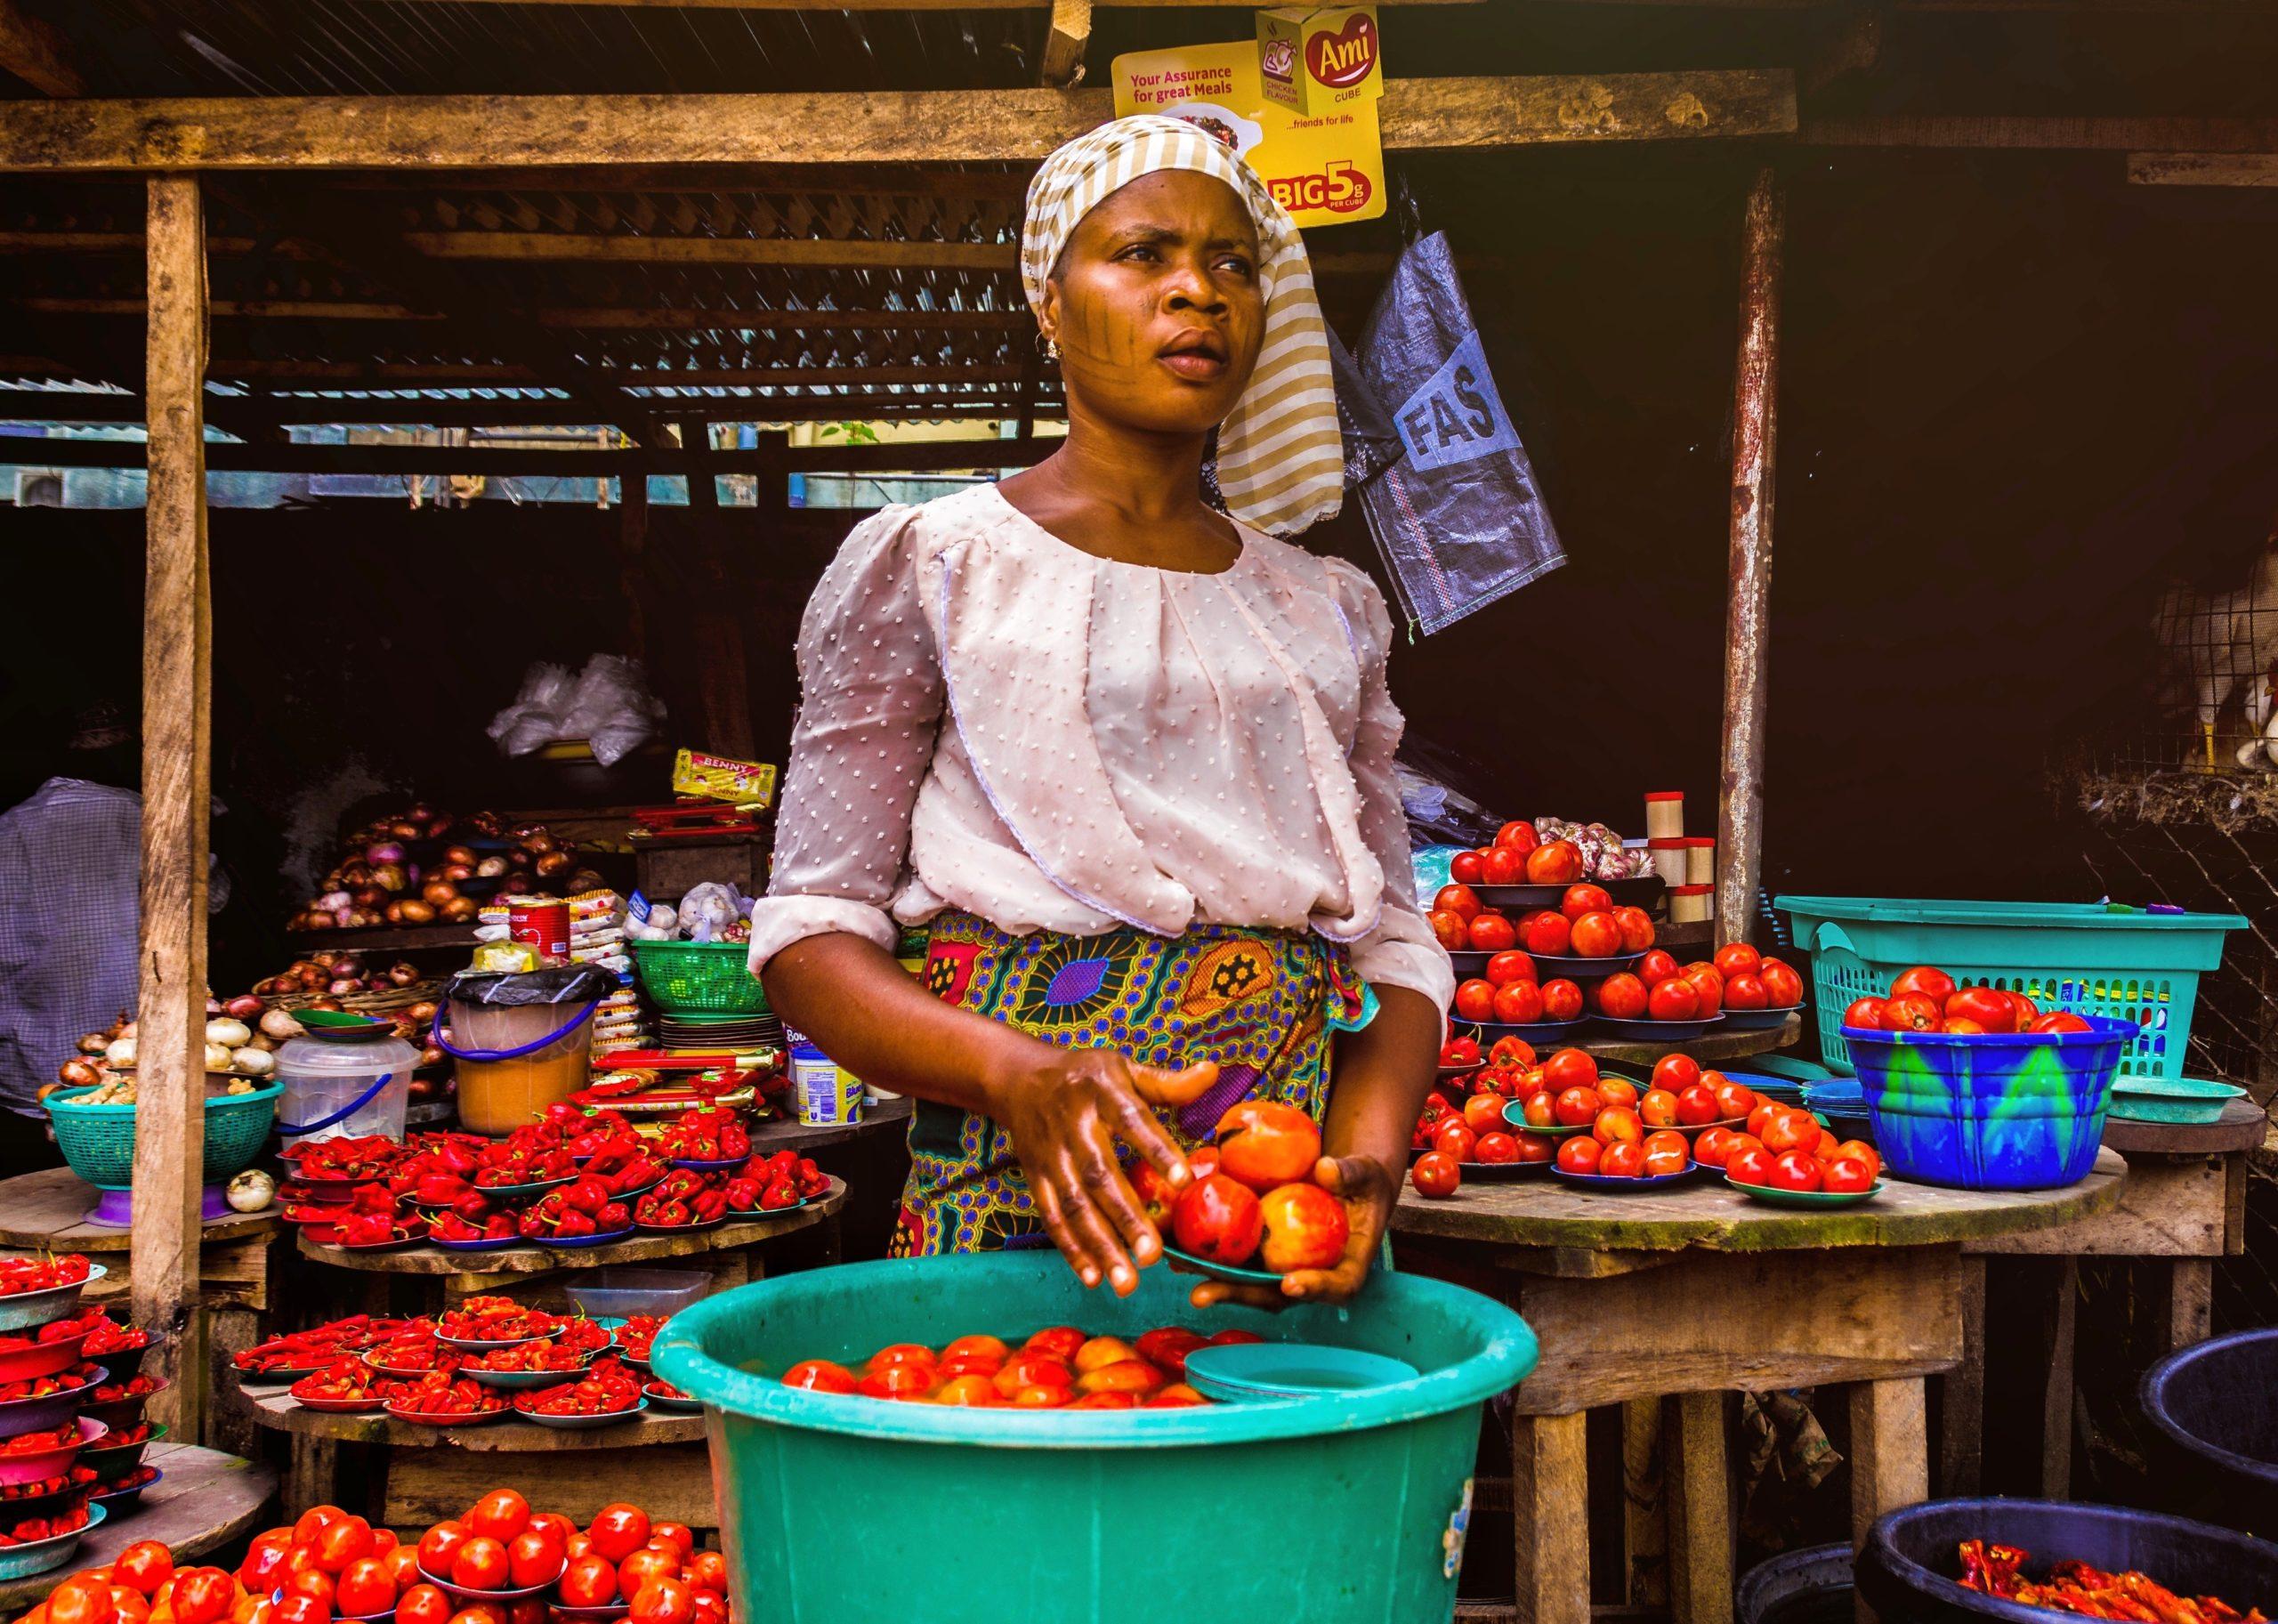 Plusieurs pays africains devraient figurer parmi les économies à la croissance la plus rapide jusqu'en 2027 - TRIVMPH